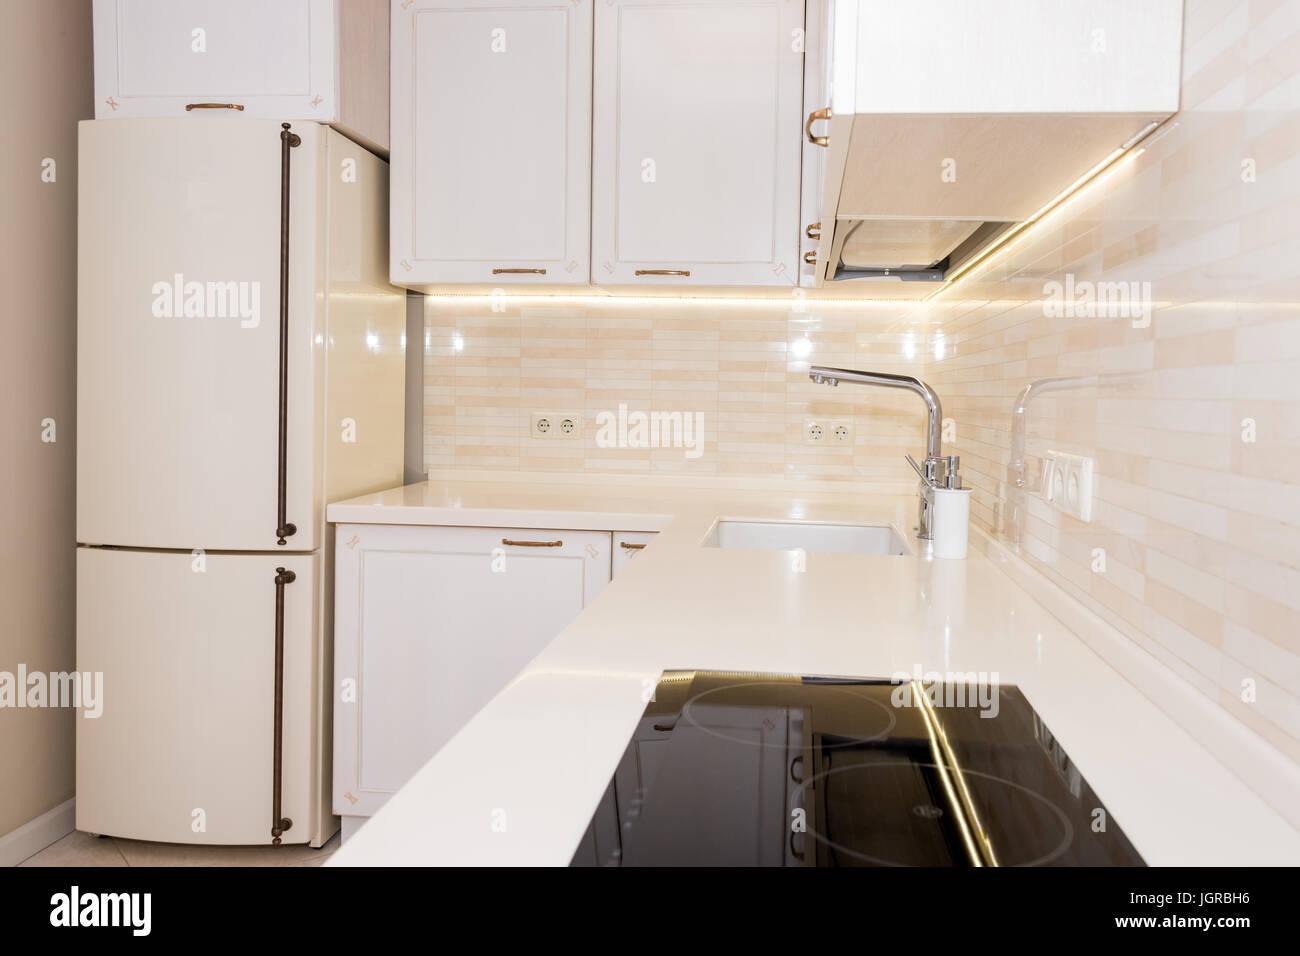 Moderne, helle, saubere Küche Interieur in einem Luxushaus. Interior ...